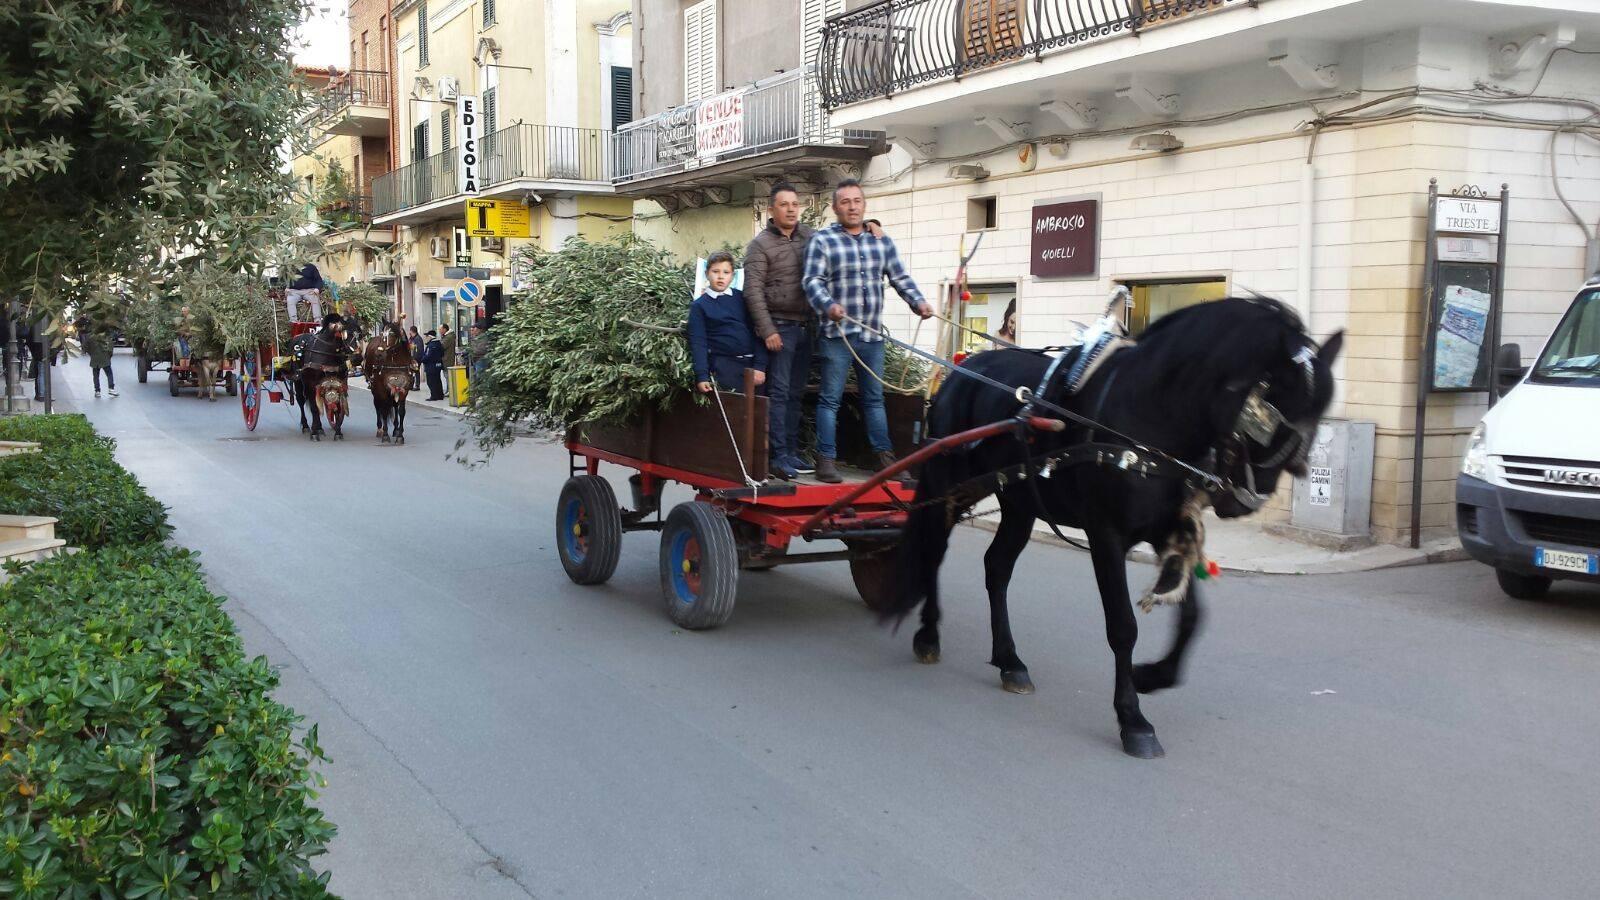 Rinnovata la tradizionale festa dei falò, dal quartiere Bachelet al campo San Nicola. Il paese riscopre la voglia di aggregarsi e stare insieme